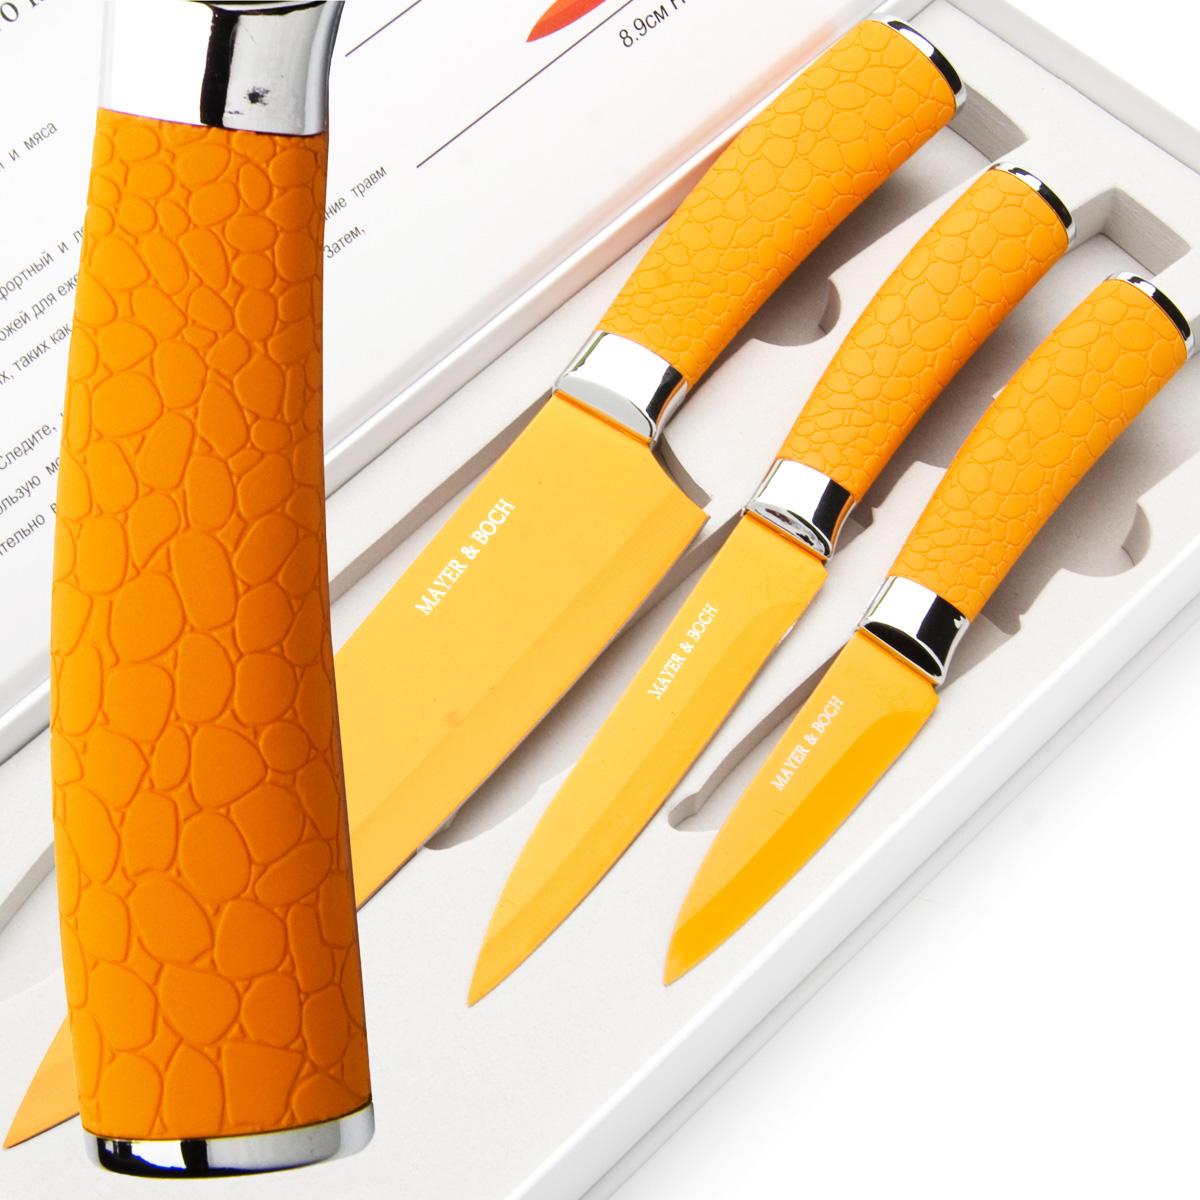 Набор ножей Mayer & Boch, цвет: оранжевый, 3 шт. 2414624146Набор ножей Mayer & Boch состоит из 3 ножей: нож поварской, нож универсальный и нож для очистки. Ножи выполнены из нержавеющей стали, ручки из полипропилена.Оригинальный набор ножей великолепно украсит интерьер кухни и станет замечательным помощником.Можно мыть в посудомоечной машине. Длина лезвия поварского ножа: 20,3 см. Общая длина поварского ножа: 33 см. Длина лезвия универсального ножа: 12,7 см. Общая длина универсального ножа: 24 см. Длина лезвия ножа для очистки: 8,9 см. Общая длина ножа для очистки: 20 см.